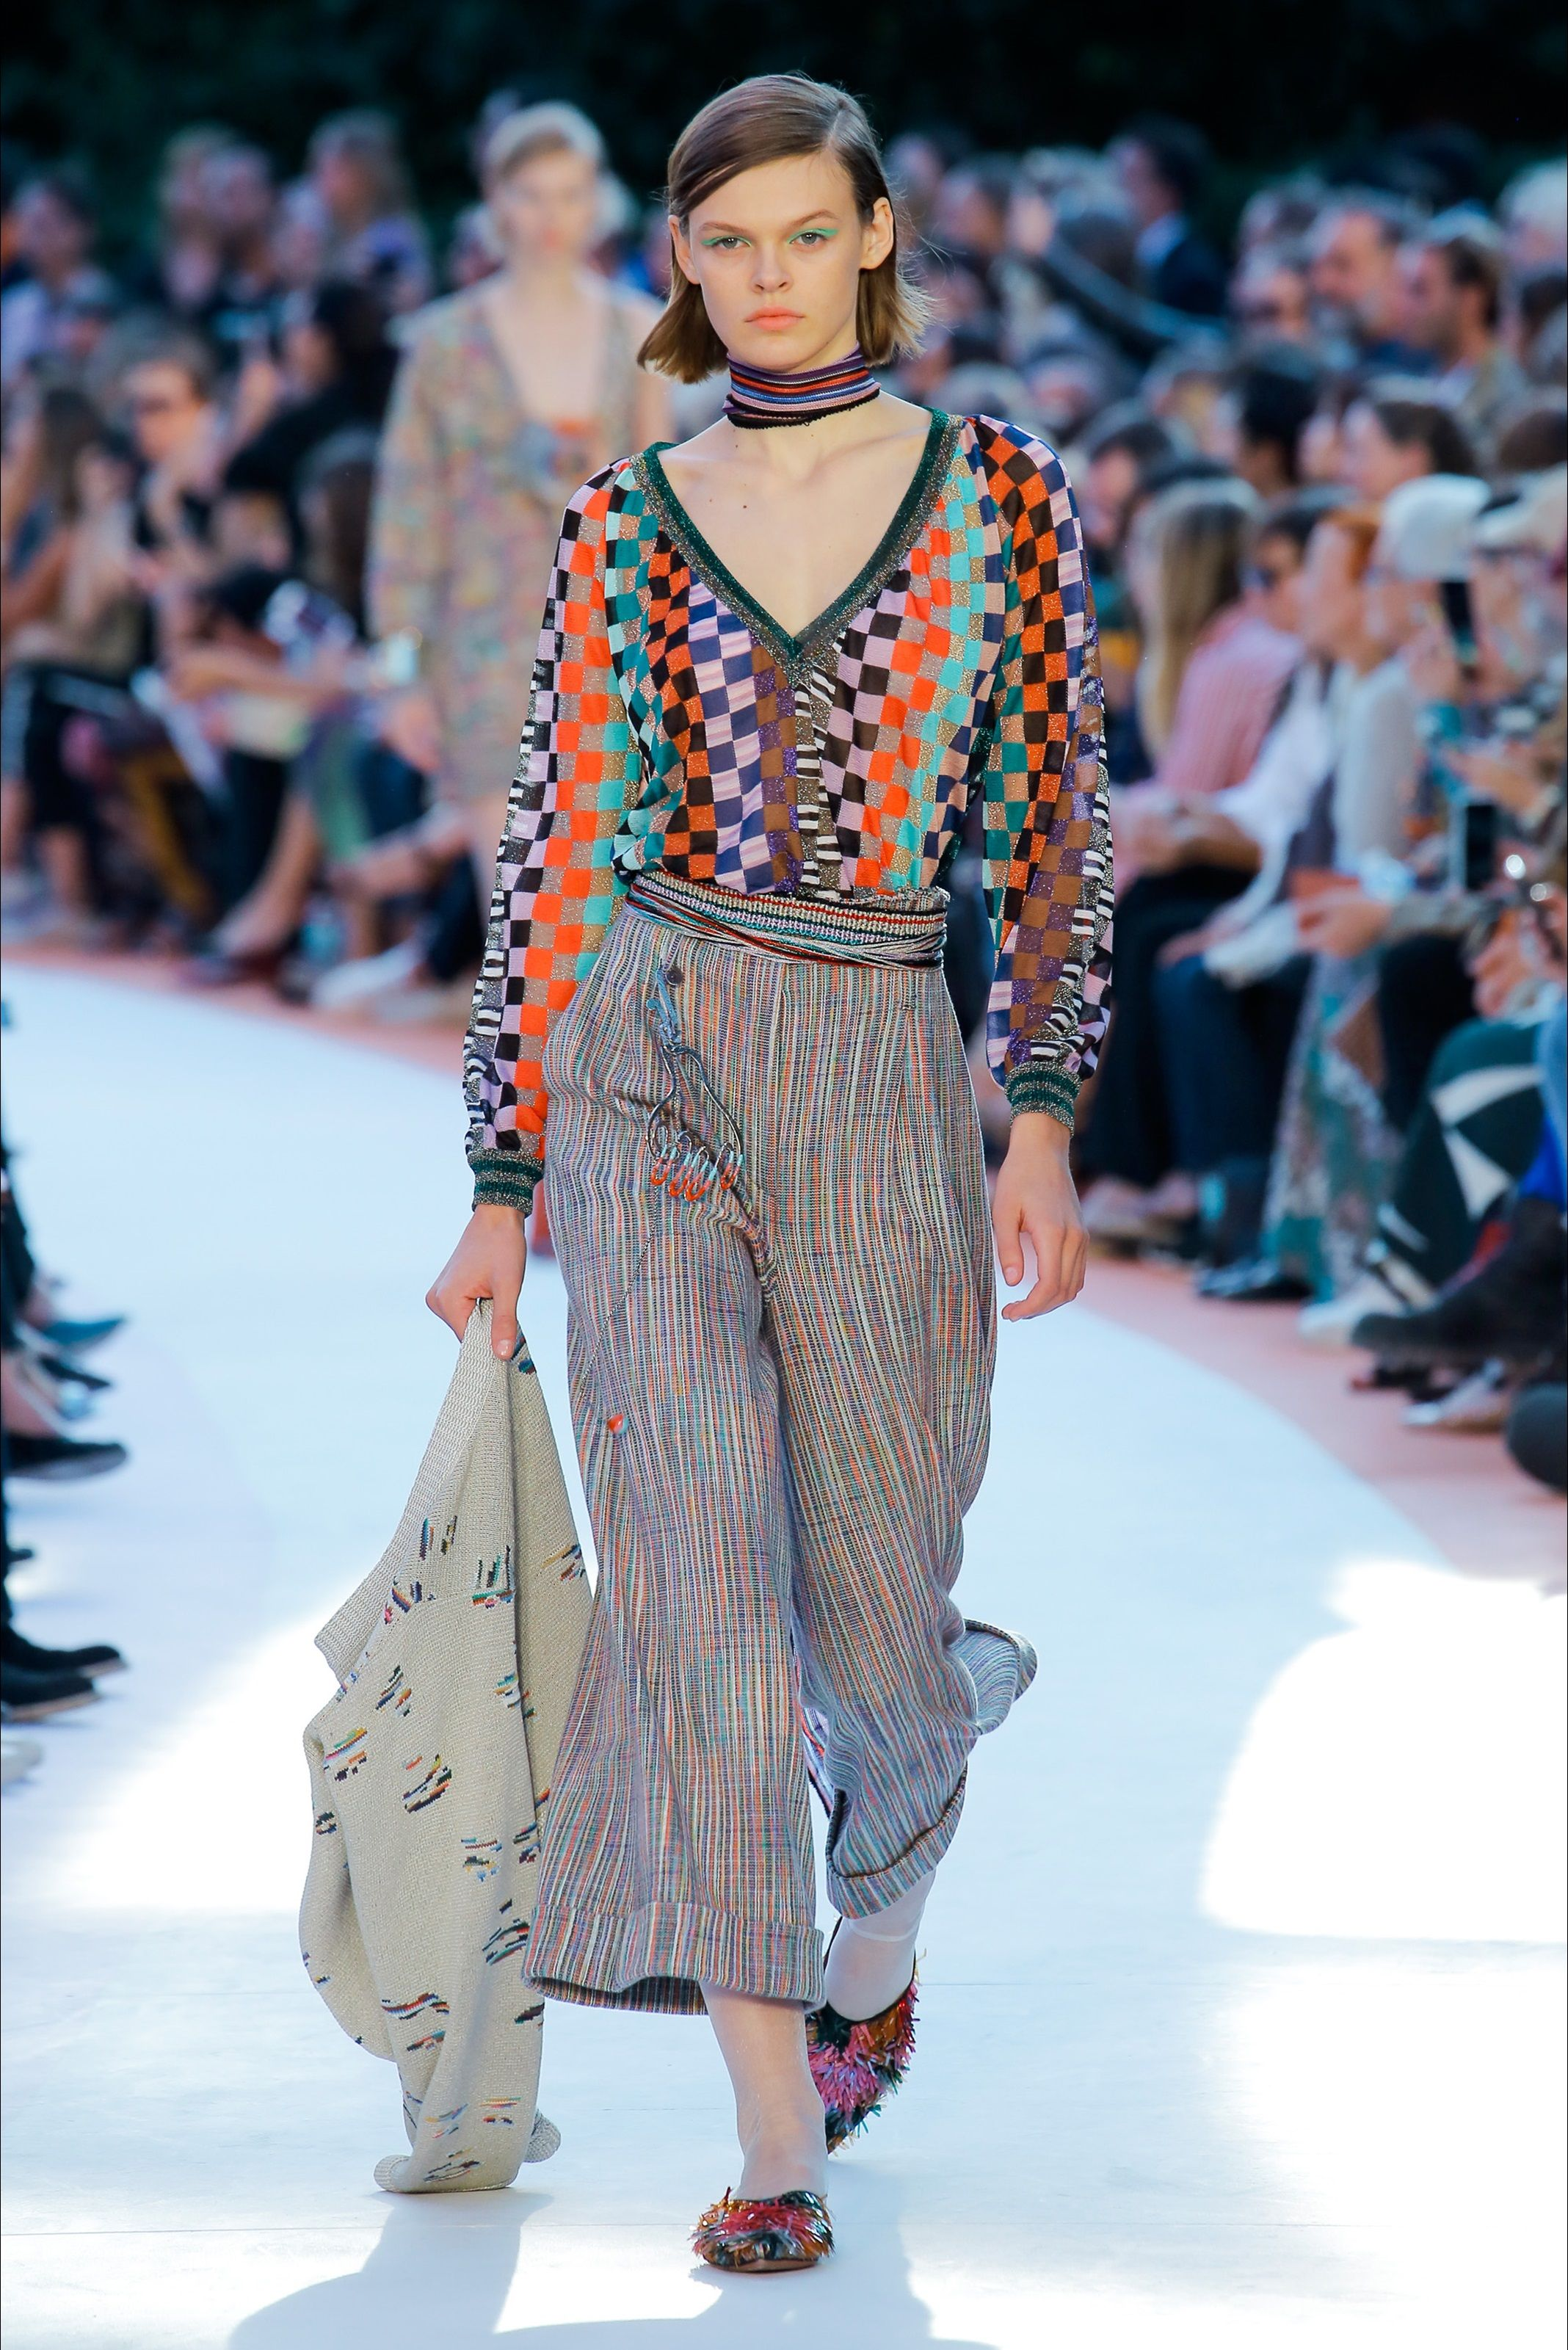 separation shoes fc0c6 3dc99 Guarda la sfilata di moda Missoni a Milano e scopri la ...